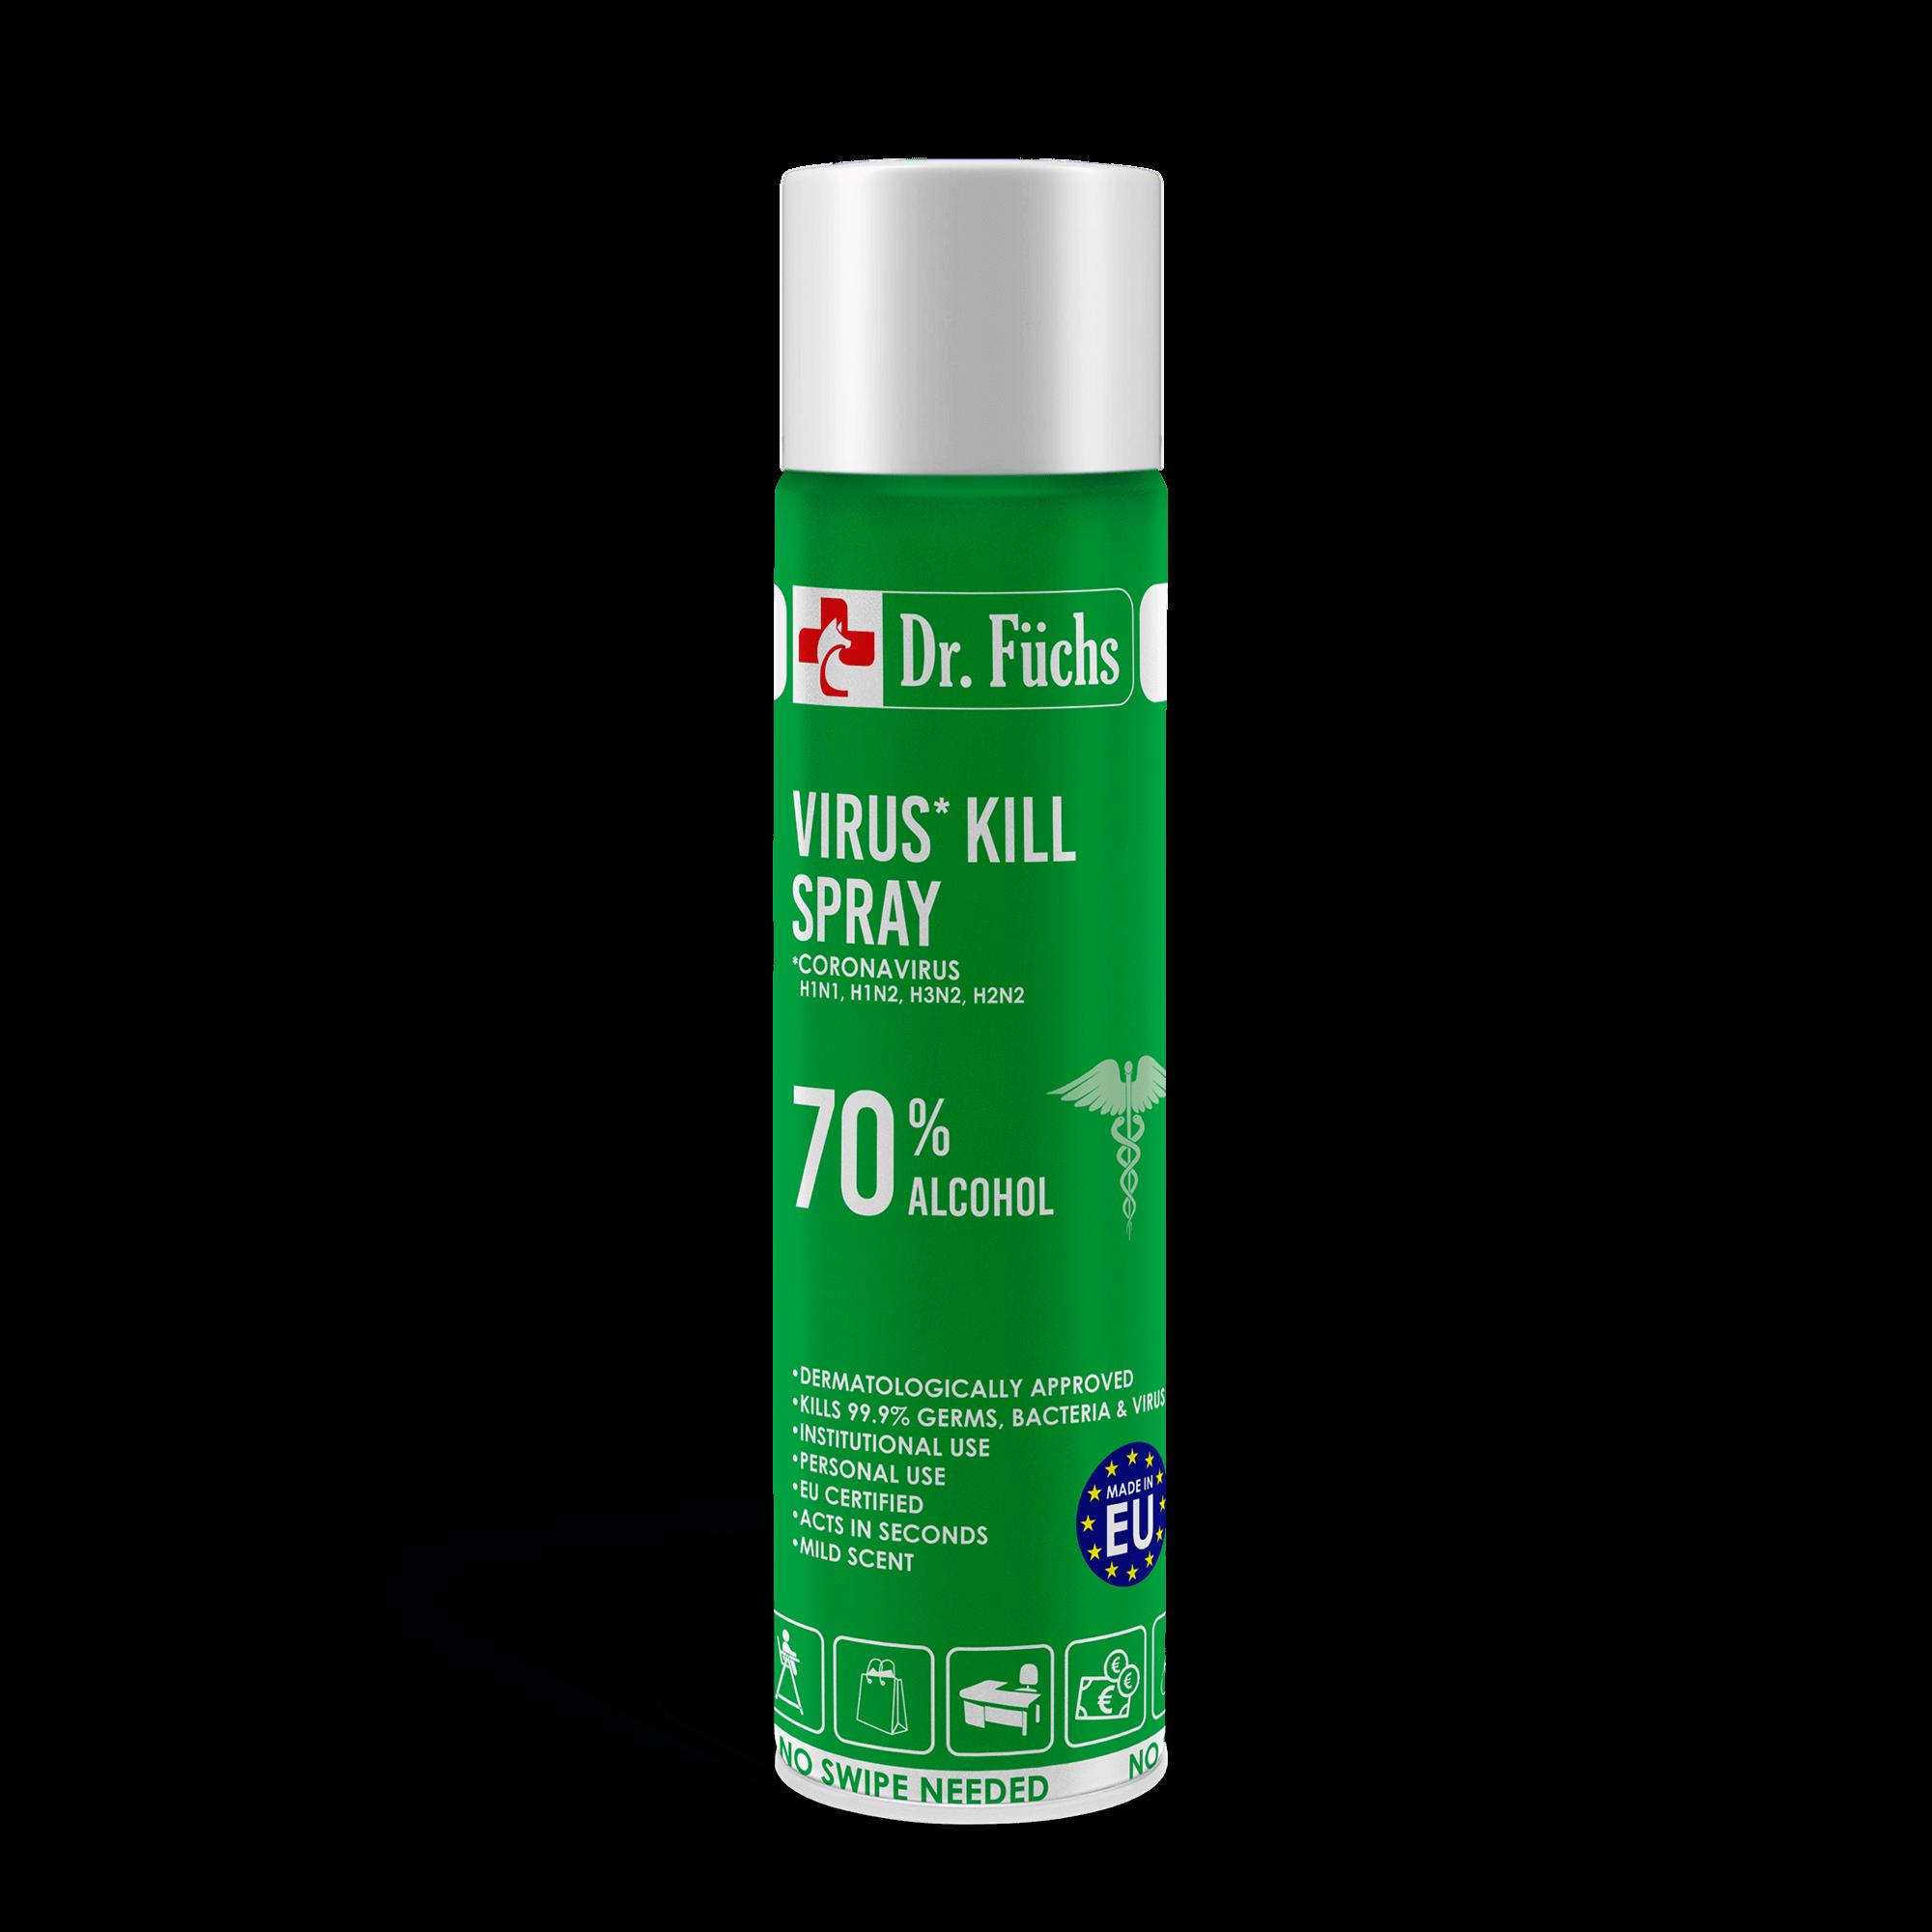 Dr Fuchs virus kill spray 300 ml